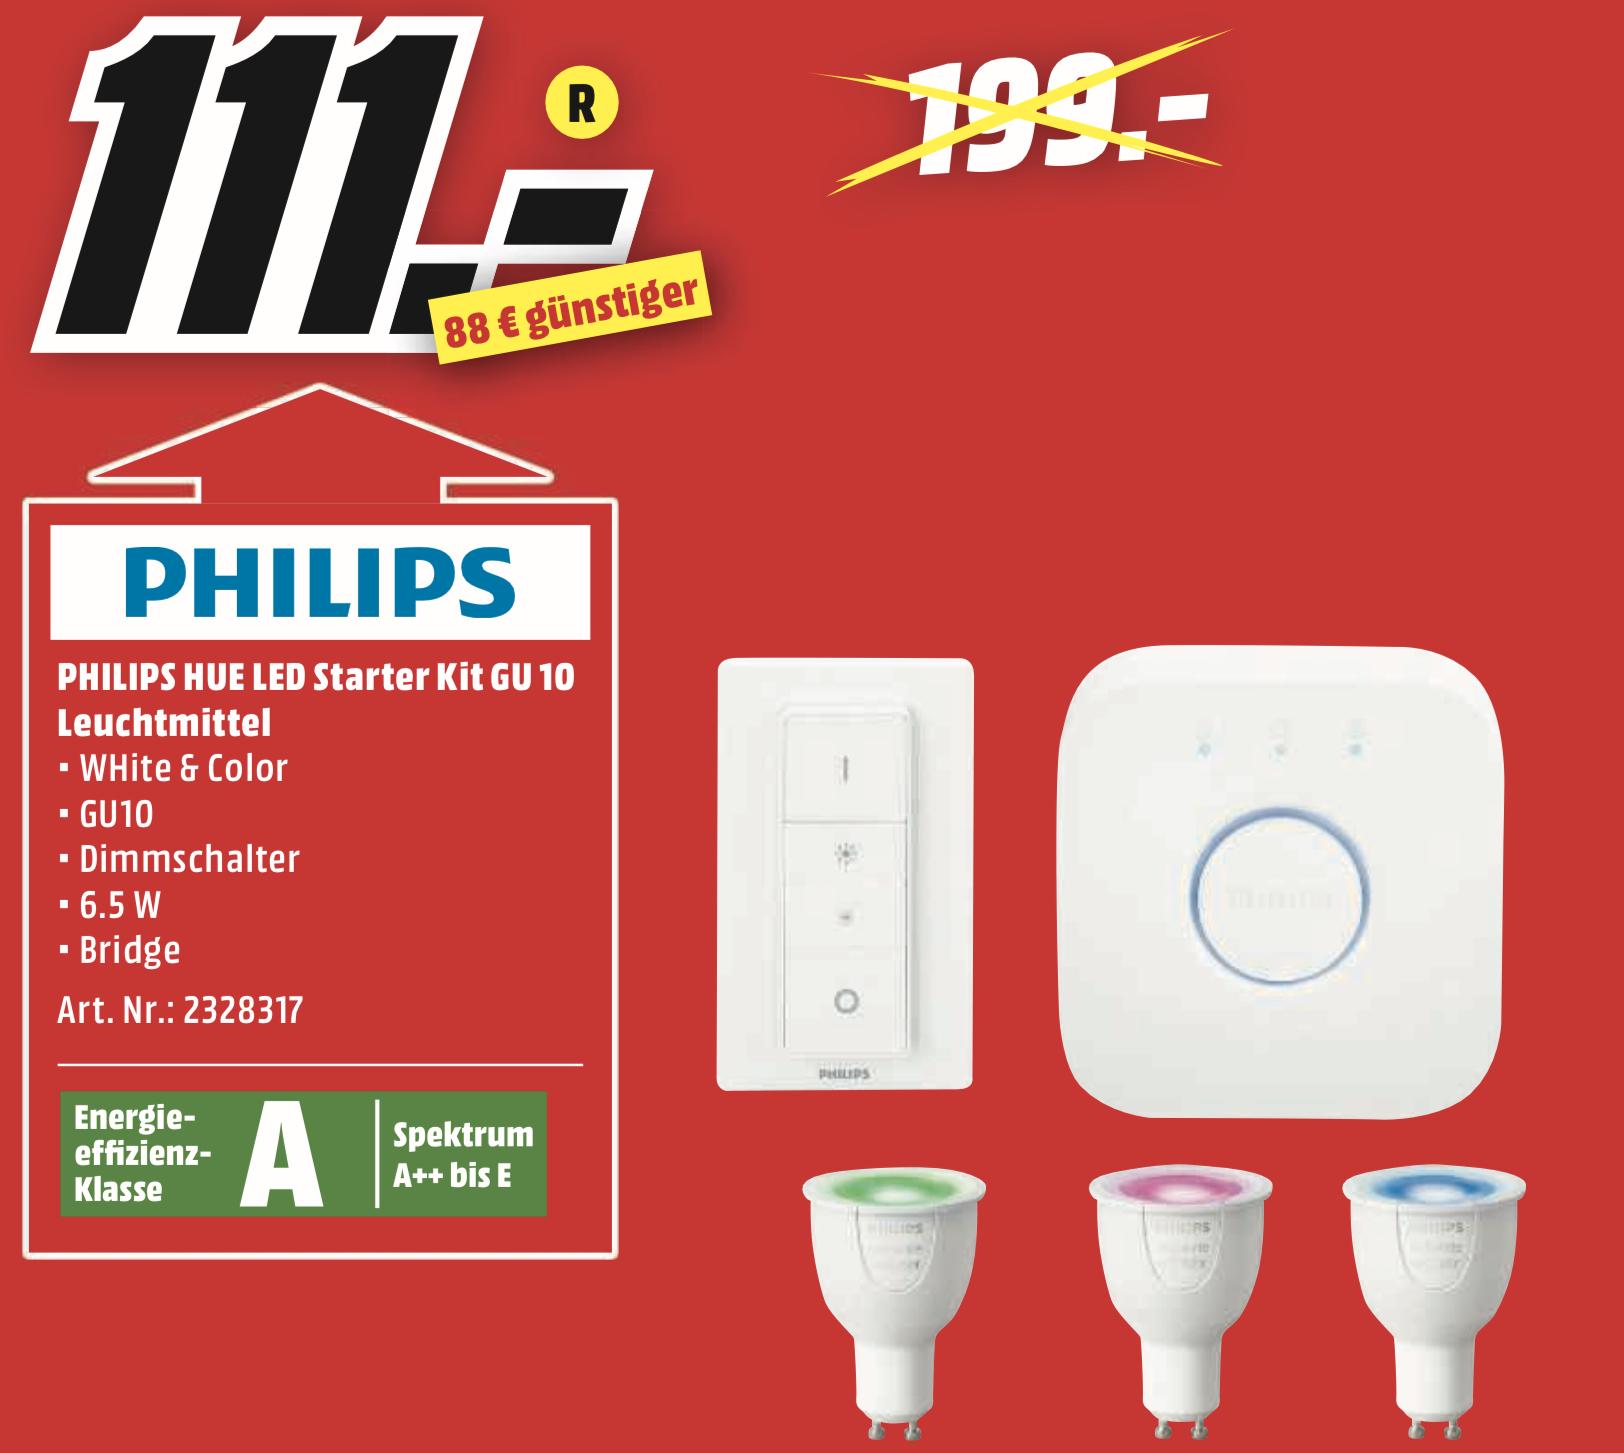 Lokal MediaMarkt Neubrandenburg: Philips HUE White & Color GU10 Starter Set mit Bridge u. Dimmschalter für 111€